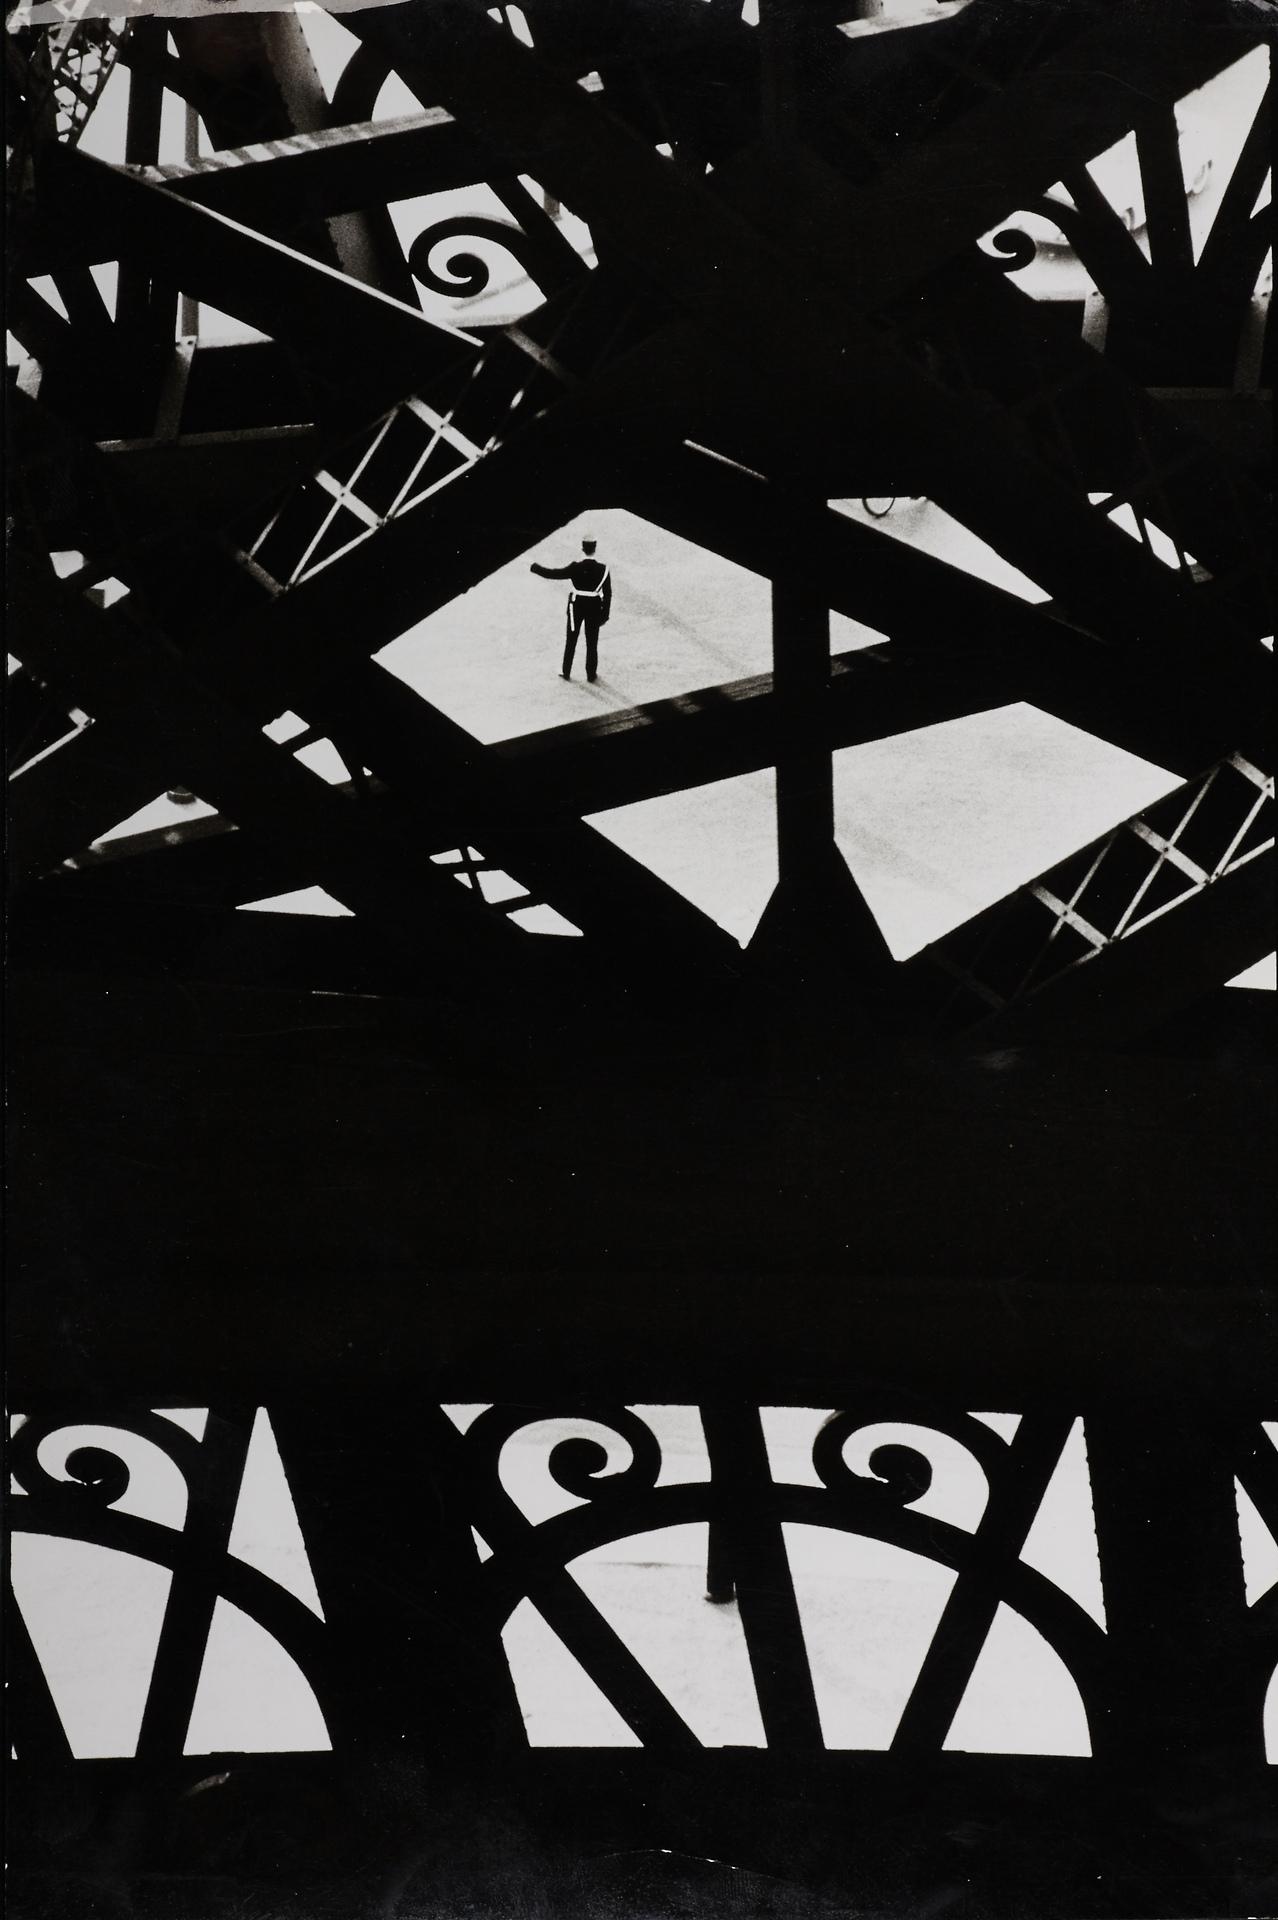 Marc Riboud: Eiffel Tower, 1964 - arthurboehm | ello